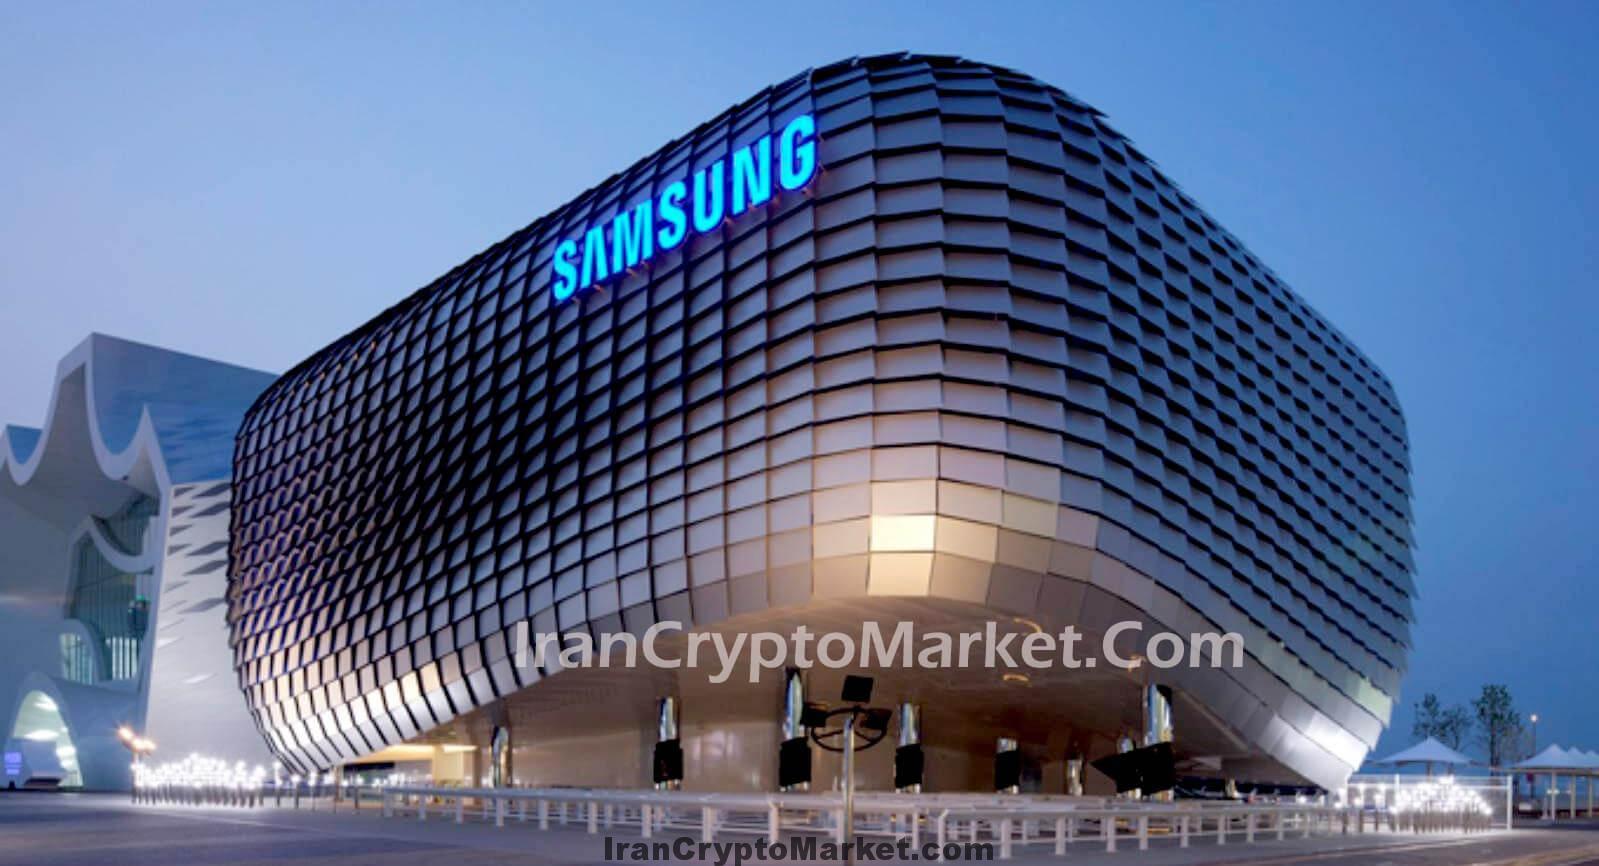 شرکت سامسونگ اقدام به تولید تراشه های ماینینگ می کند